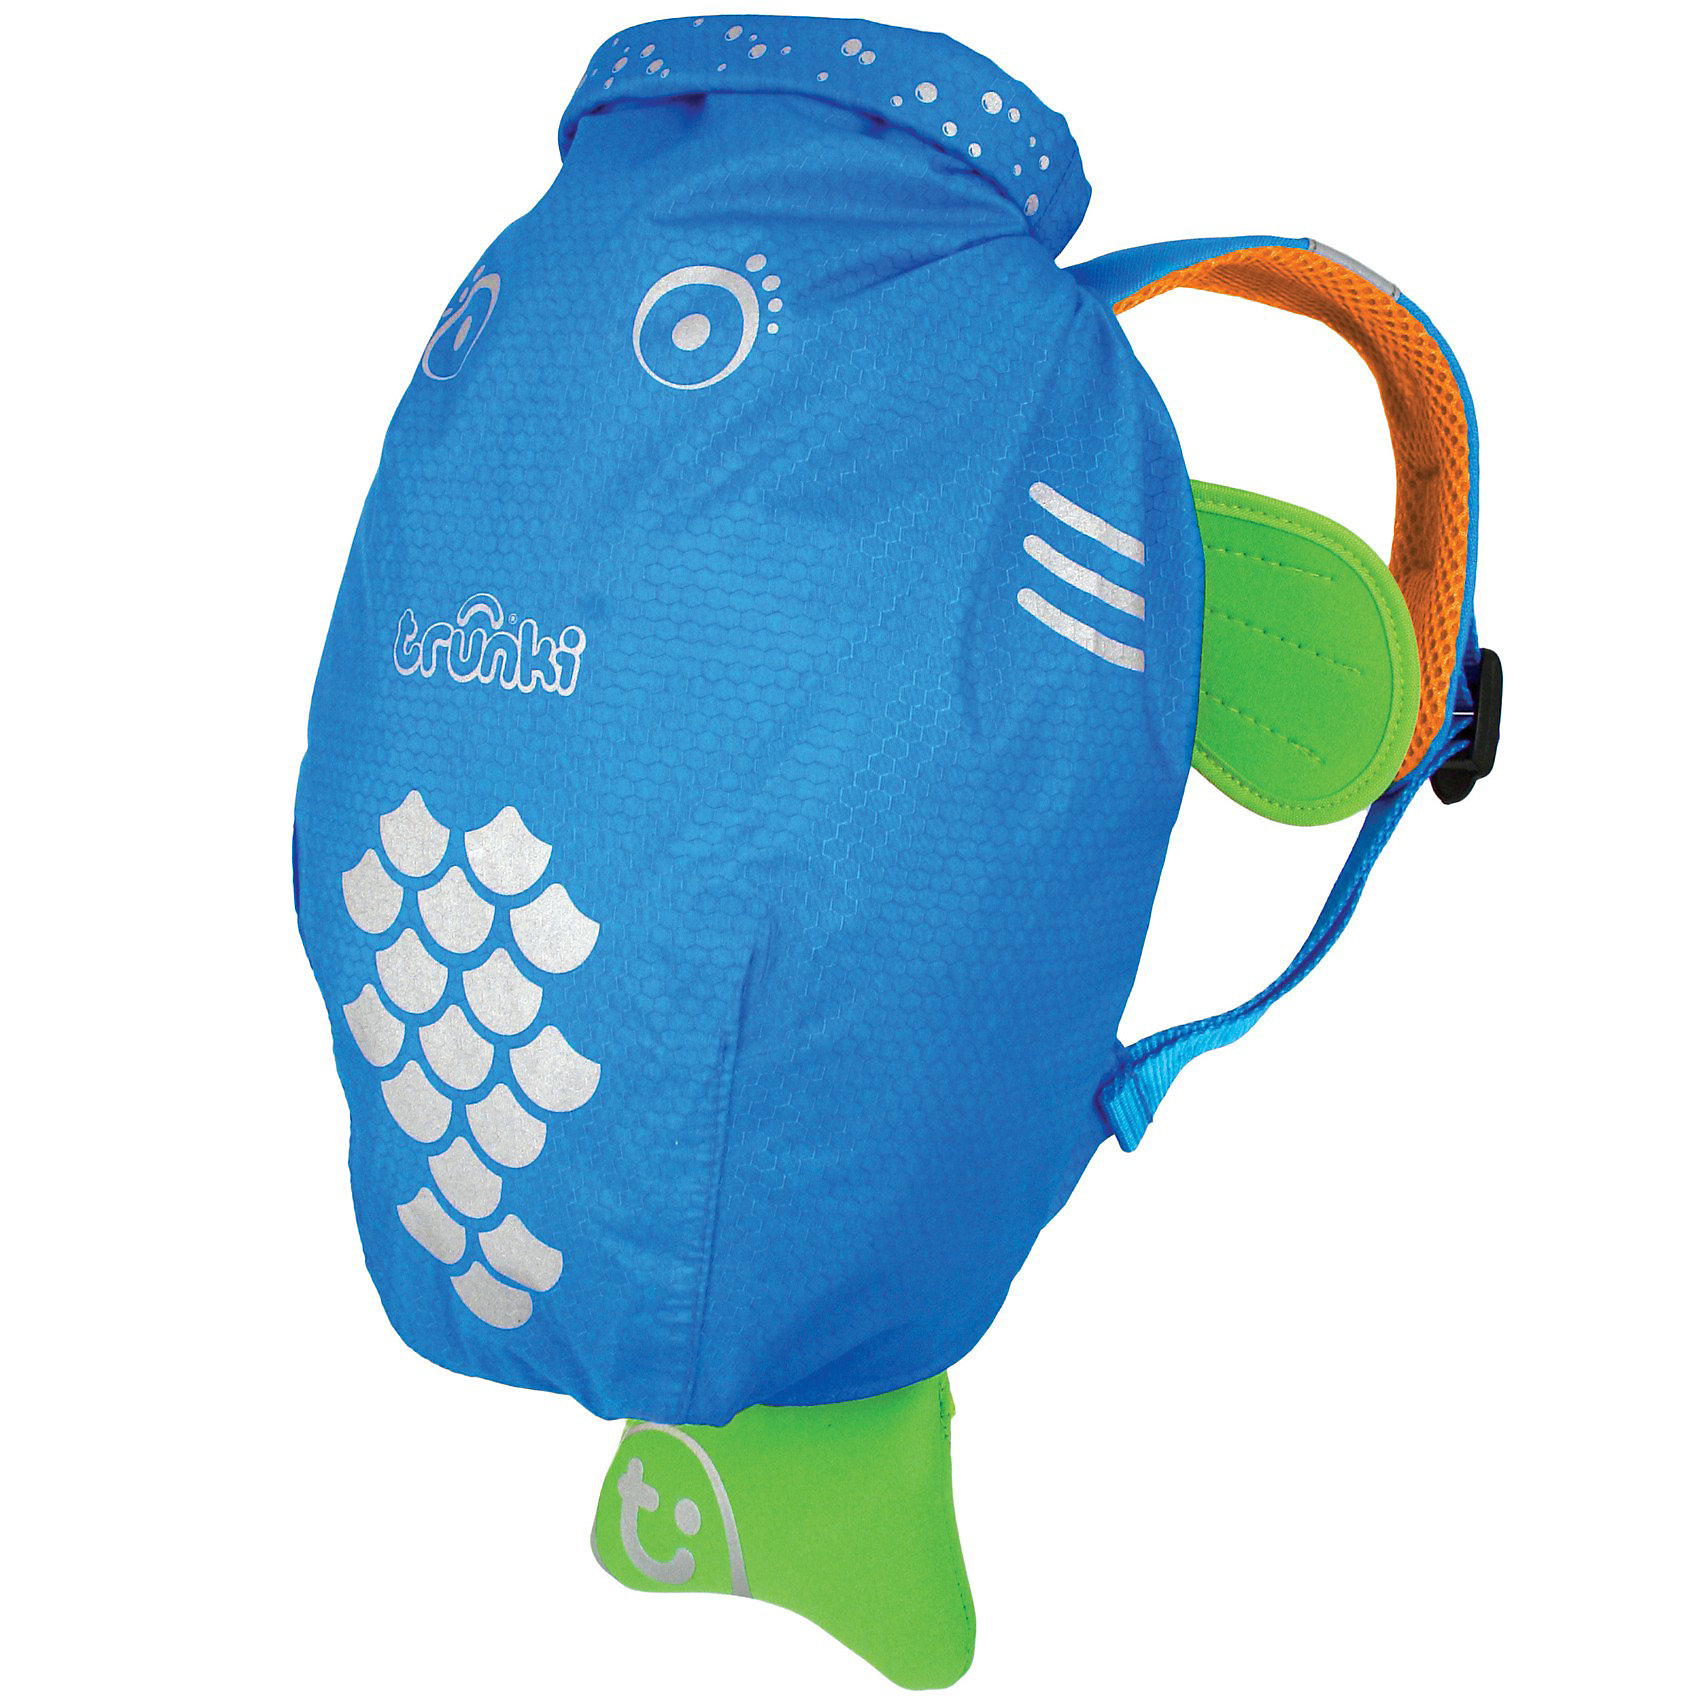 TRUNKI Рюкзак для бассейна и пляжа, голубойКупальники и плавки<br>Водоотталкивающий рюкзак Trunki Транки голубого цвета для маленьких исследователей. Рюкзак сделан из легкого и прочного материала, он прекрасно защищен от влаги и грязи. <br>Рюкзак для бассейна и пляжа оснащен специальным креплением Trunki, с помощью него можно крепить к сумке солнцезащитные очки. Рюкзак имеет светоотражающую отделку, а также карман в виде плавника, куда можно положить различные мелочи.  <br>Рюкзак Trunki – незаменимый аксессуар для мальчика для походов в бассейн или на пляж. <br>Размер рюкзака: 49,5 х 41 см<br><br>Ширина мм: 500<br>Глубина мм: 330<br>Высота мм: 100<br>Вес г: 184<br>Возраст от месяцев: 36<br>Возраст до месяцев: 84<br>Пол: Унисекс<br>Возраст: Детский<br>SKU: 2442102